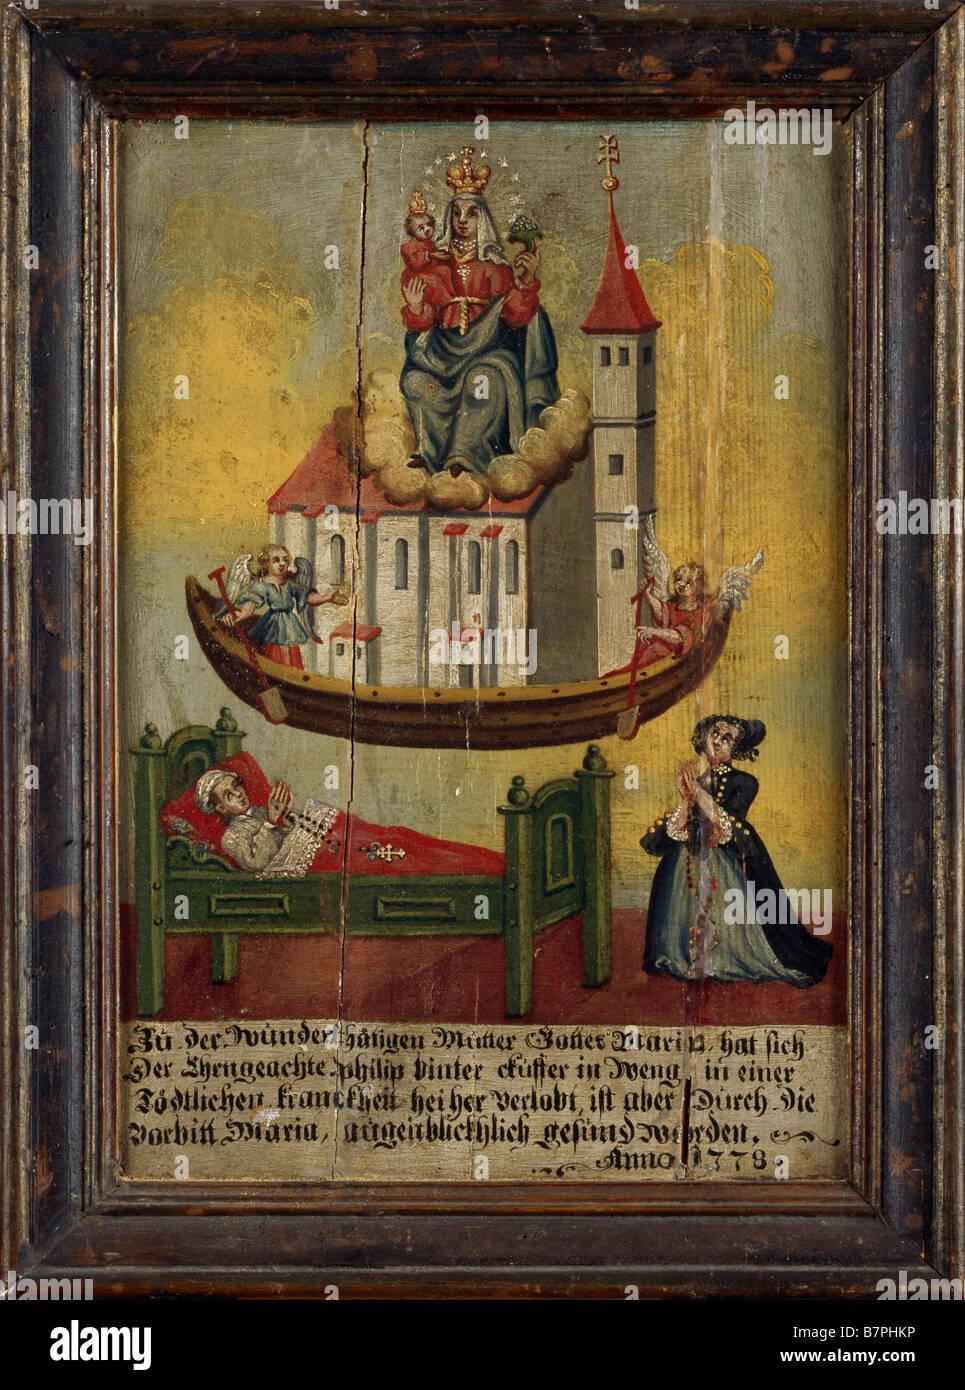 Sossau, Marienwallfahrtskirche, Votivbild von 1778 in der Nothelferkapelle, Kranker mit Marienerscheinung (Schifffahrt - Stock Image